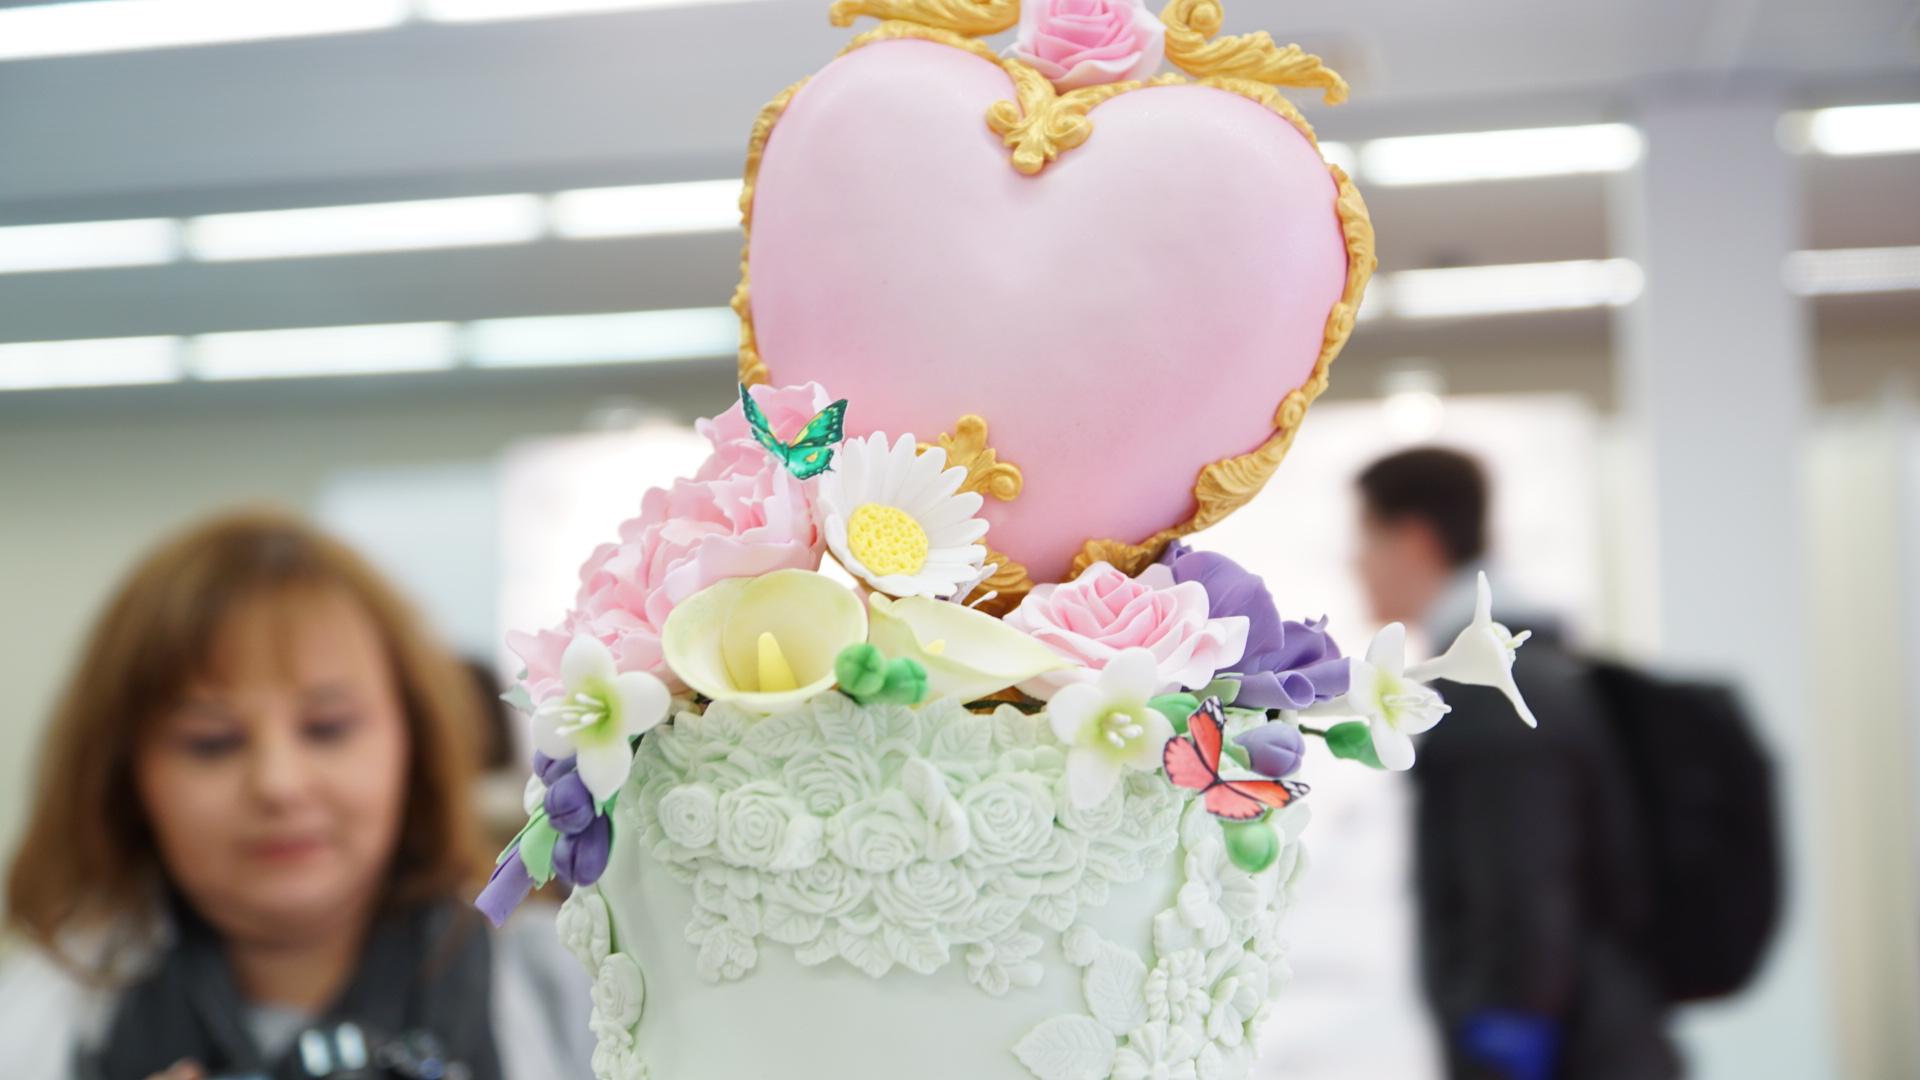 Beitrag zum Thema Hochzeitstorte